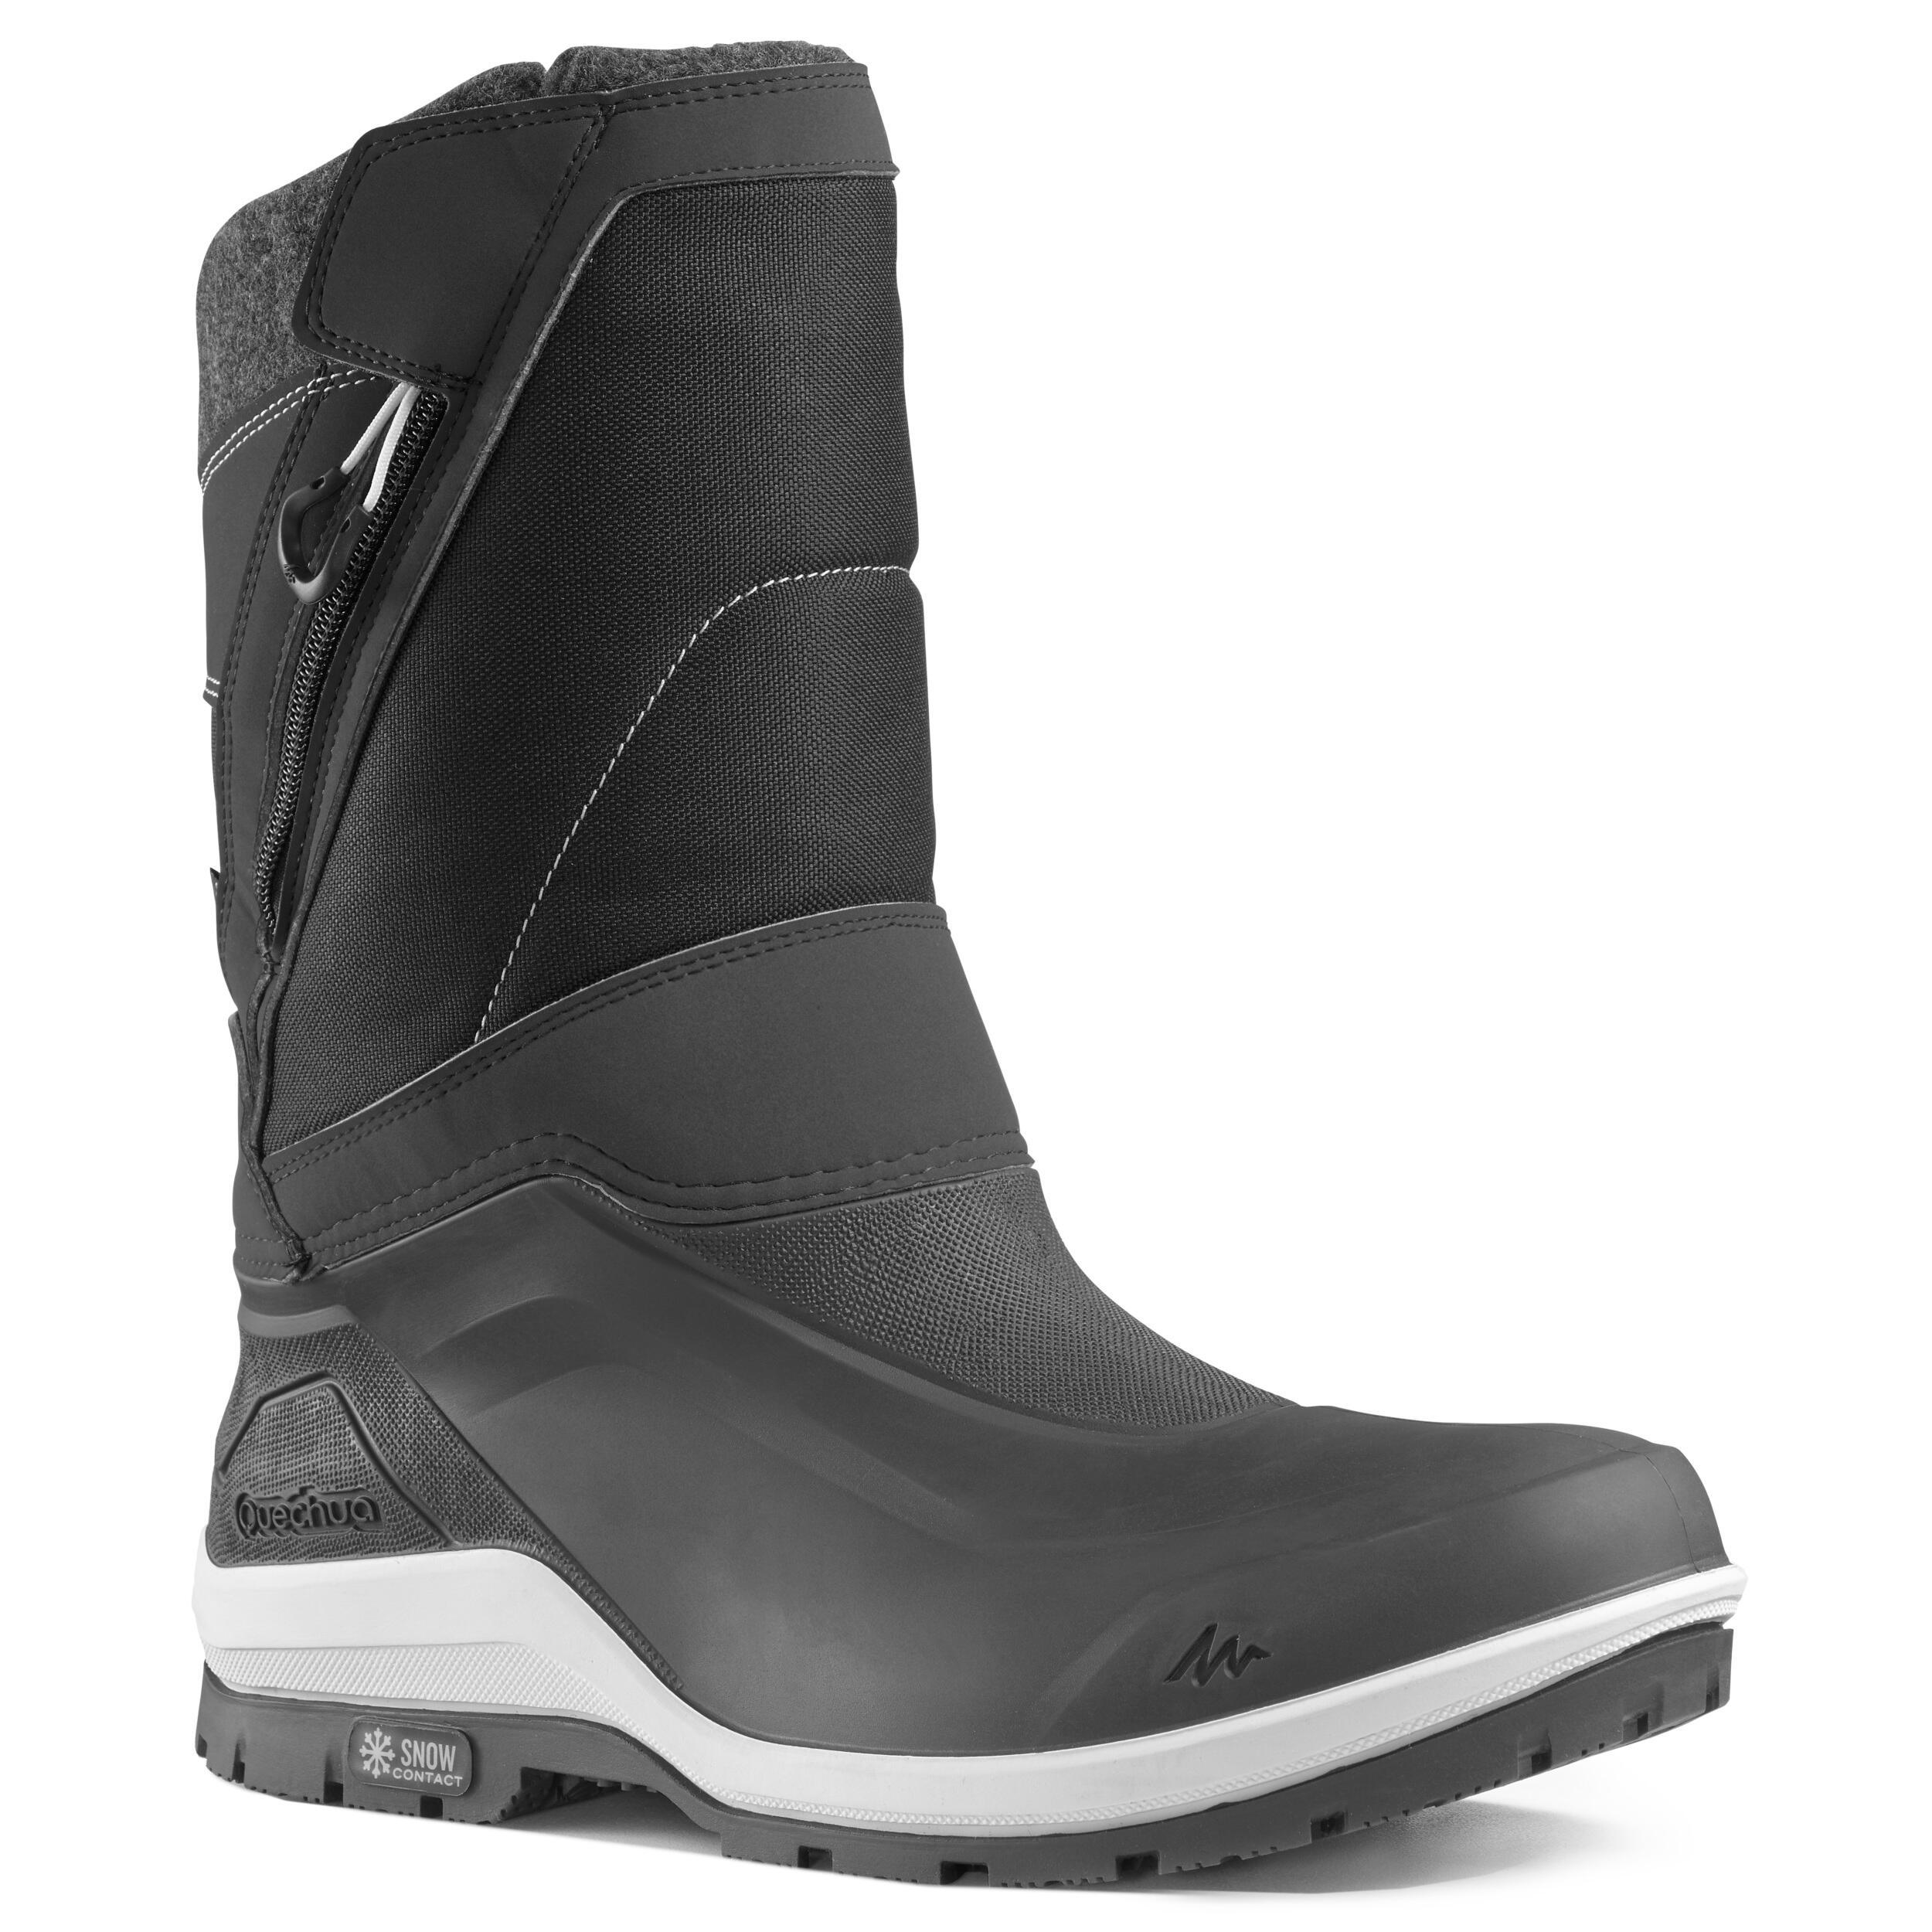 Men's Waterproof Warm Snow Boots